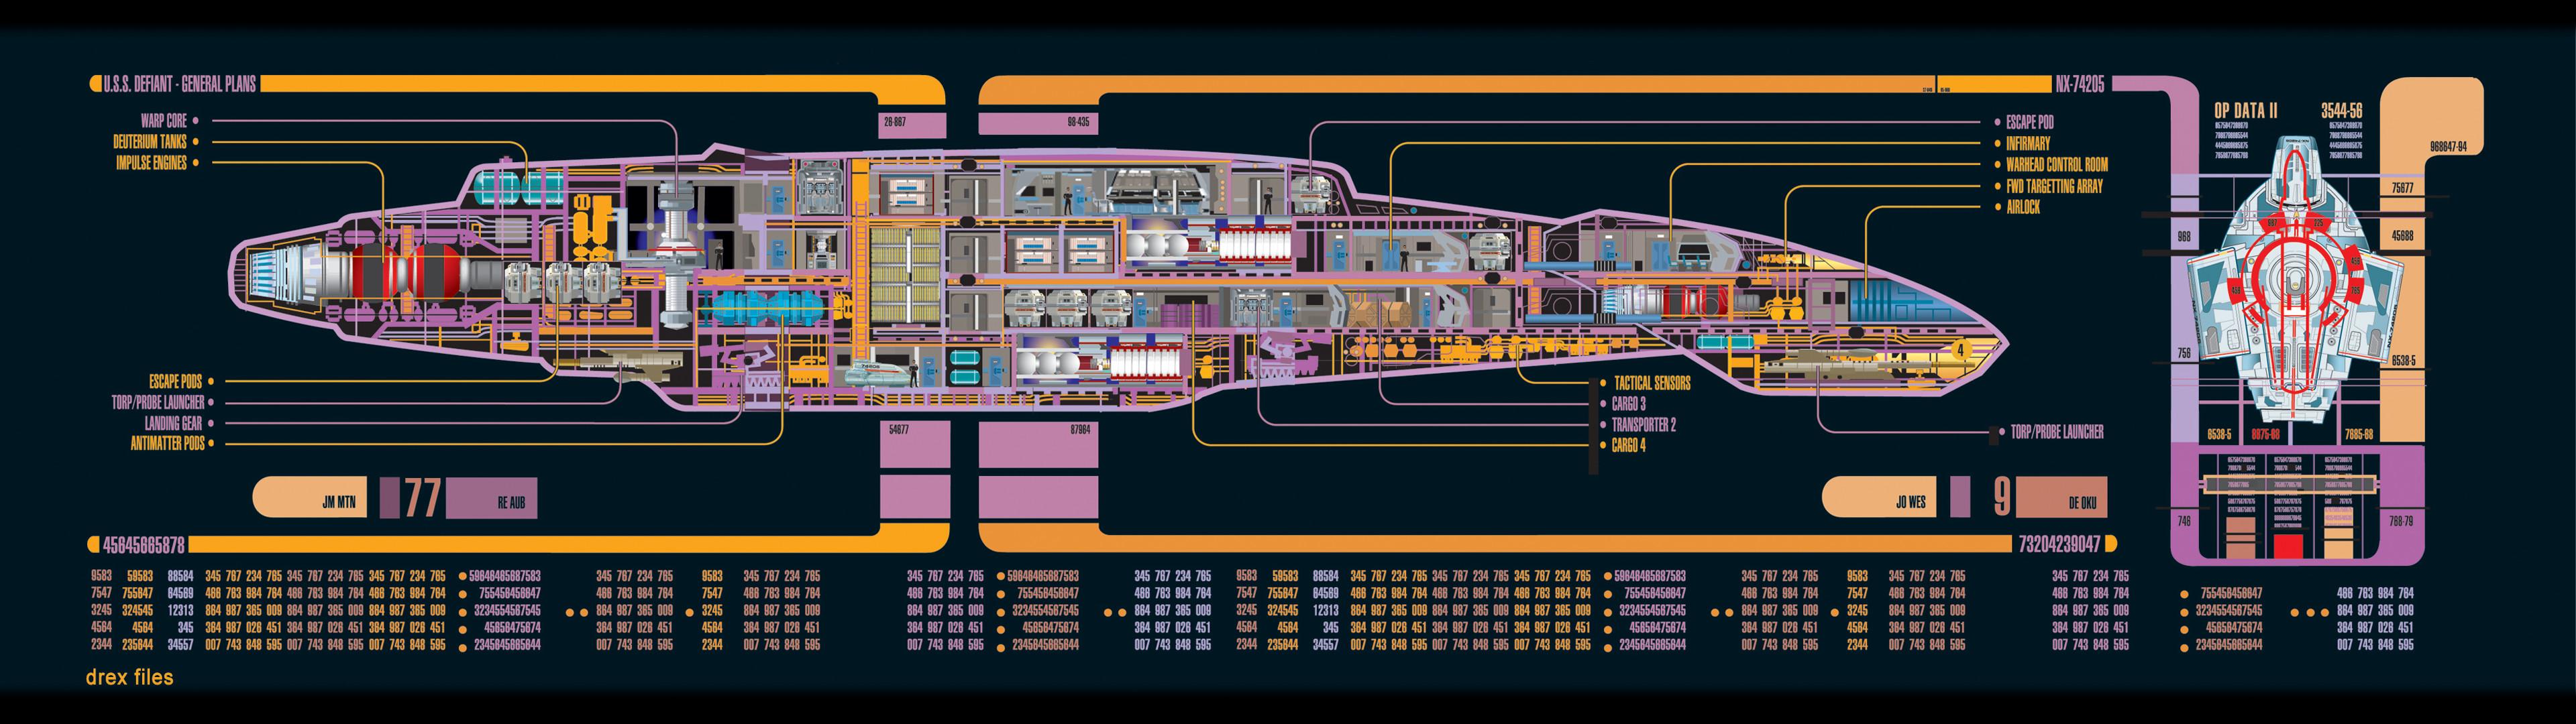 Star Trek Computer Wallpapers, Desktop Backgrounds | | ID .